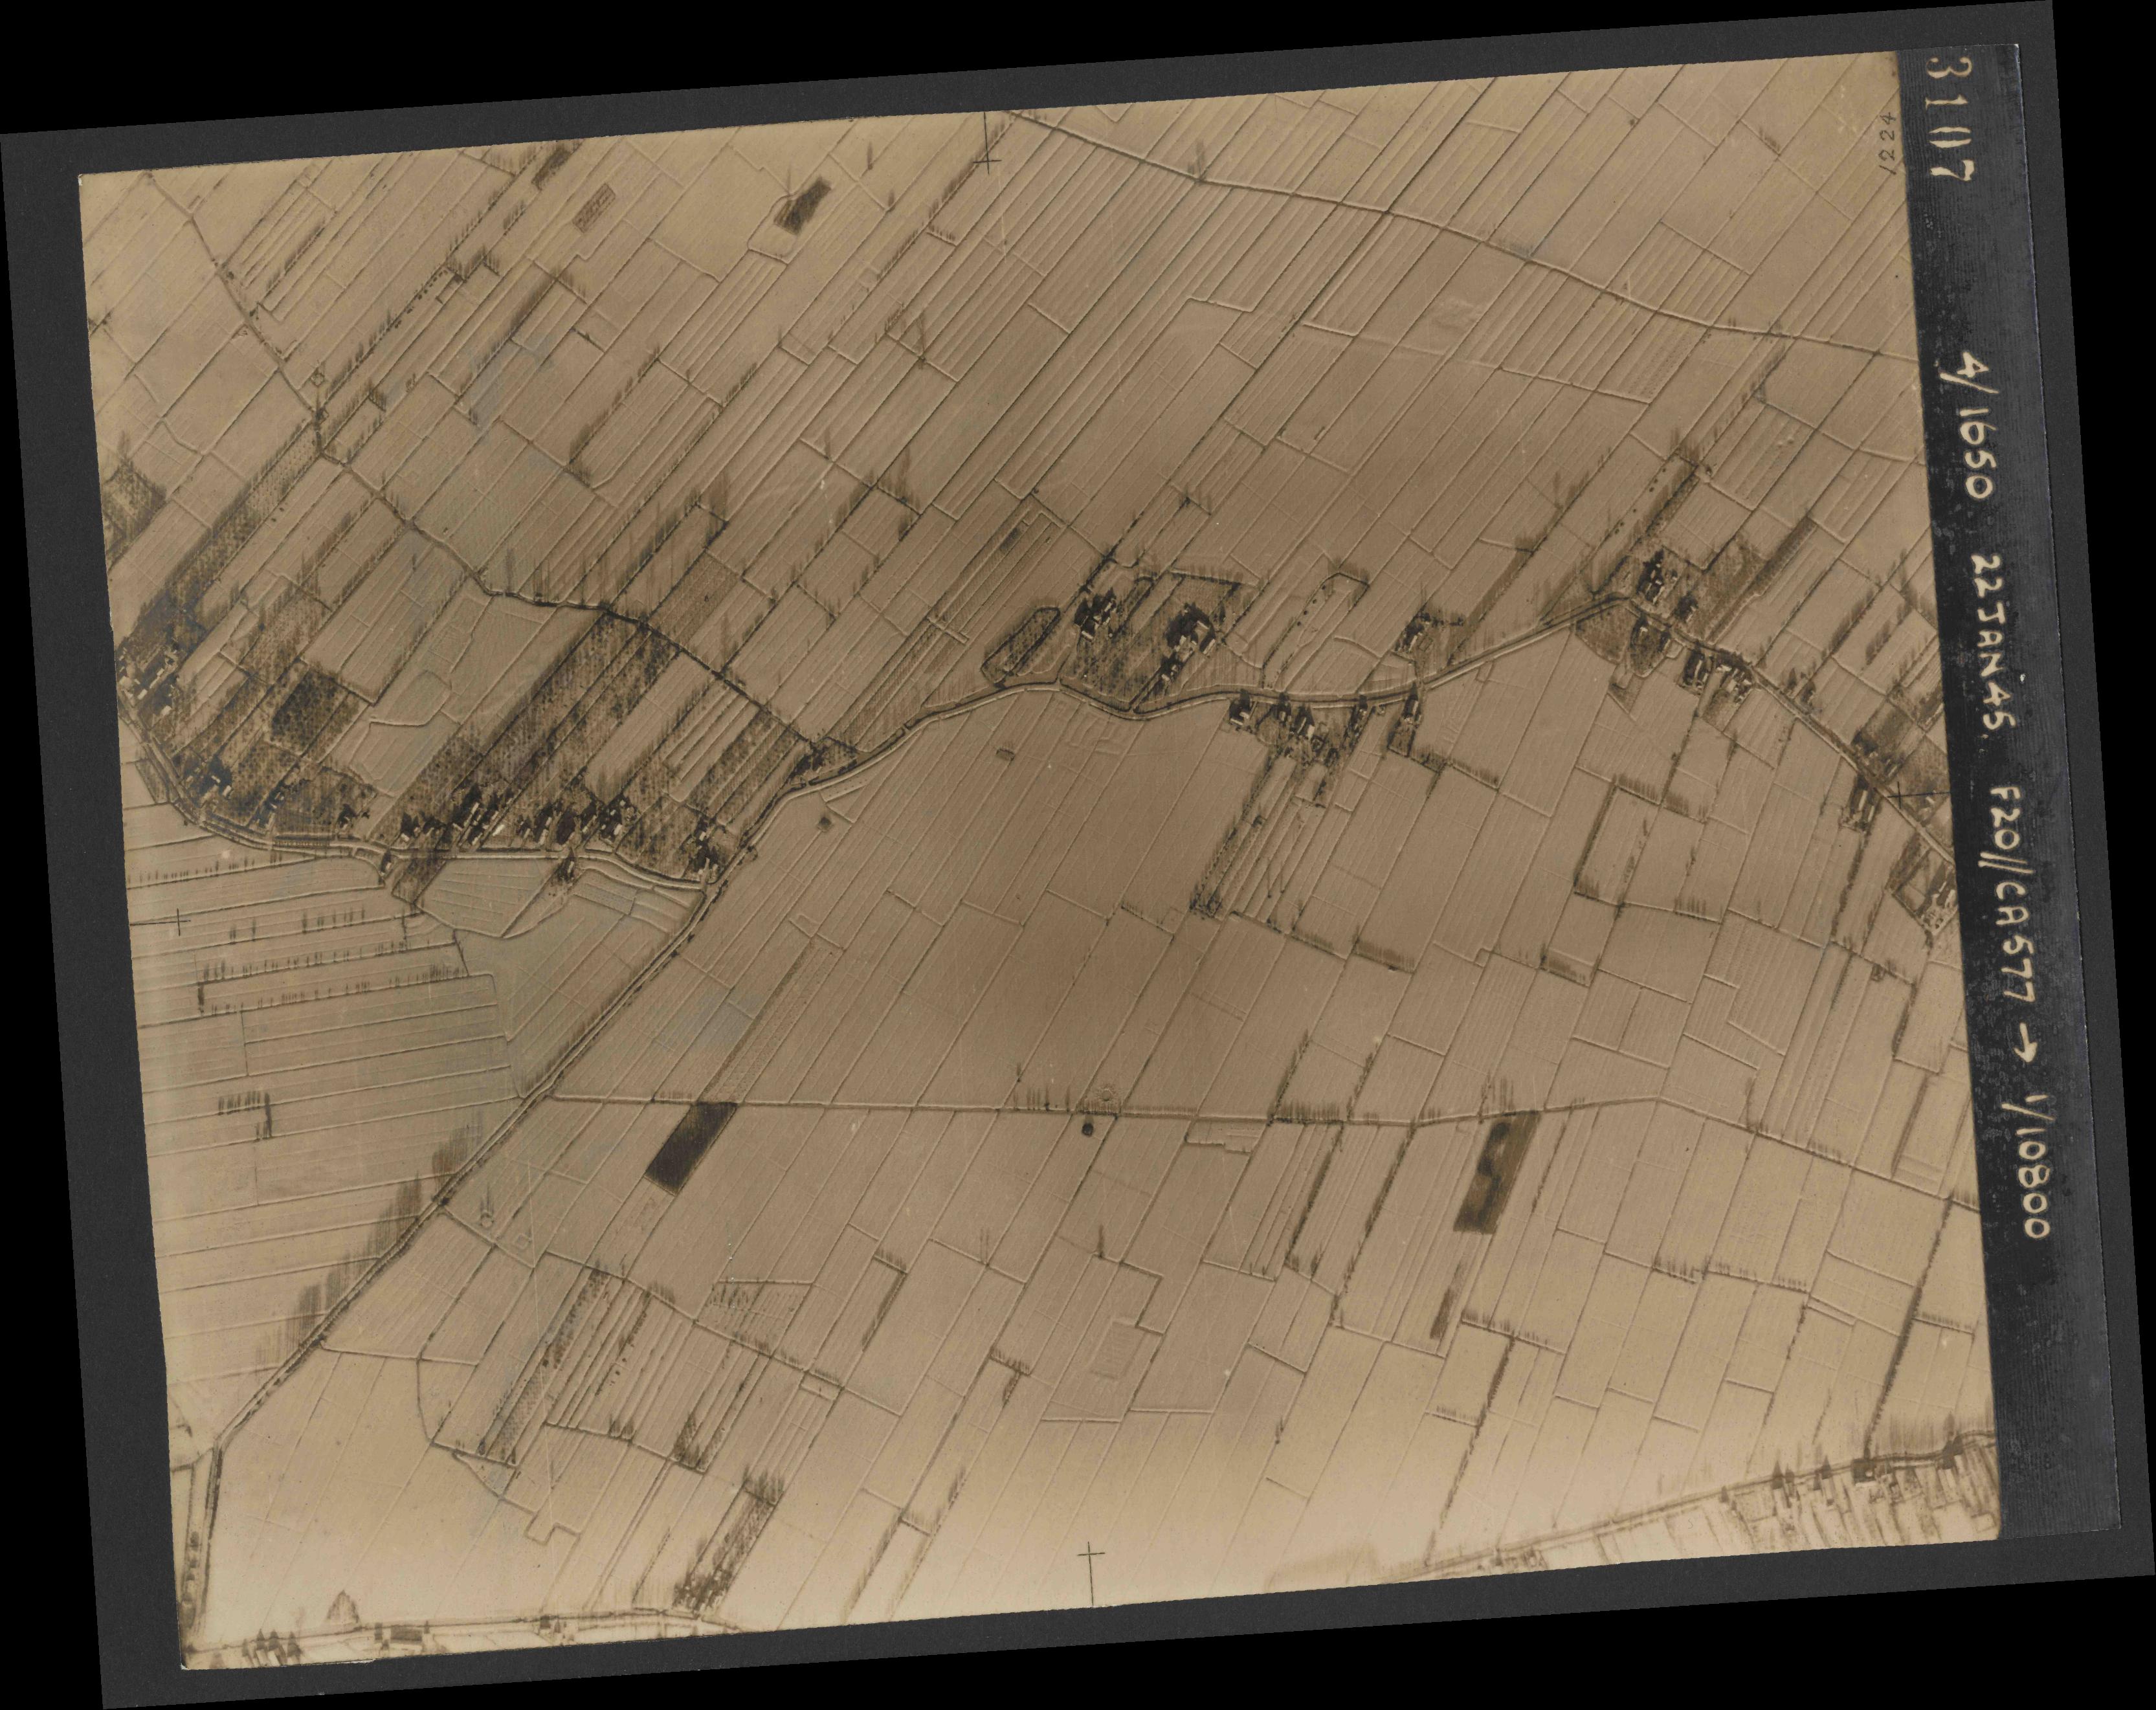 Collection RAF aerial photos 1940-1945 - flight 098, run 05, photo 3107